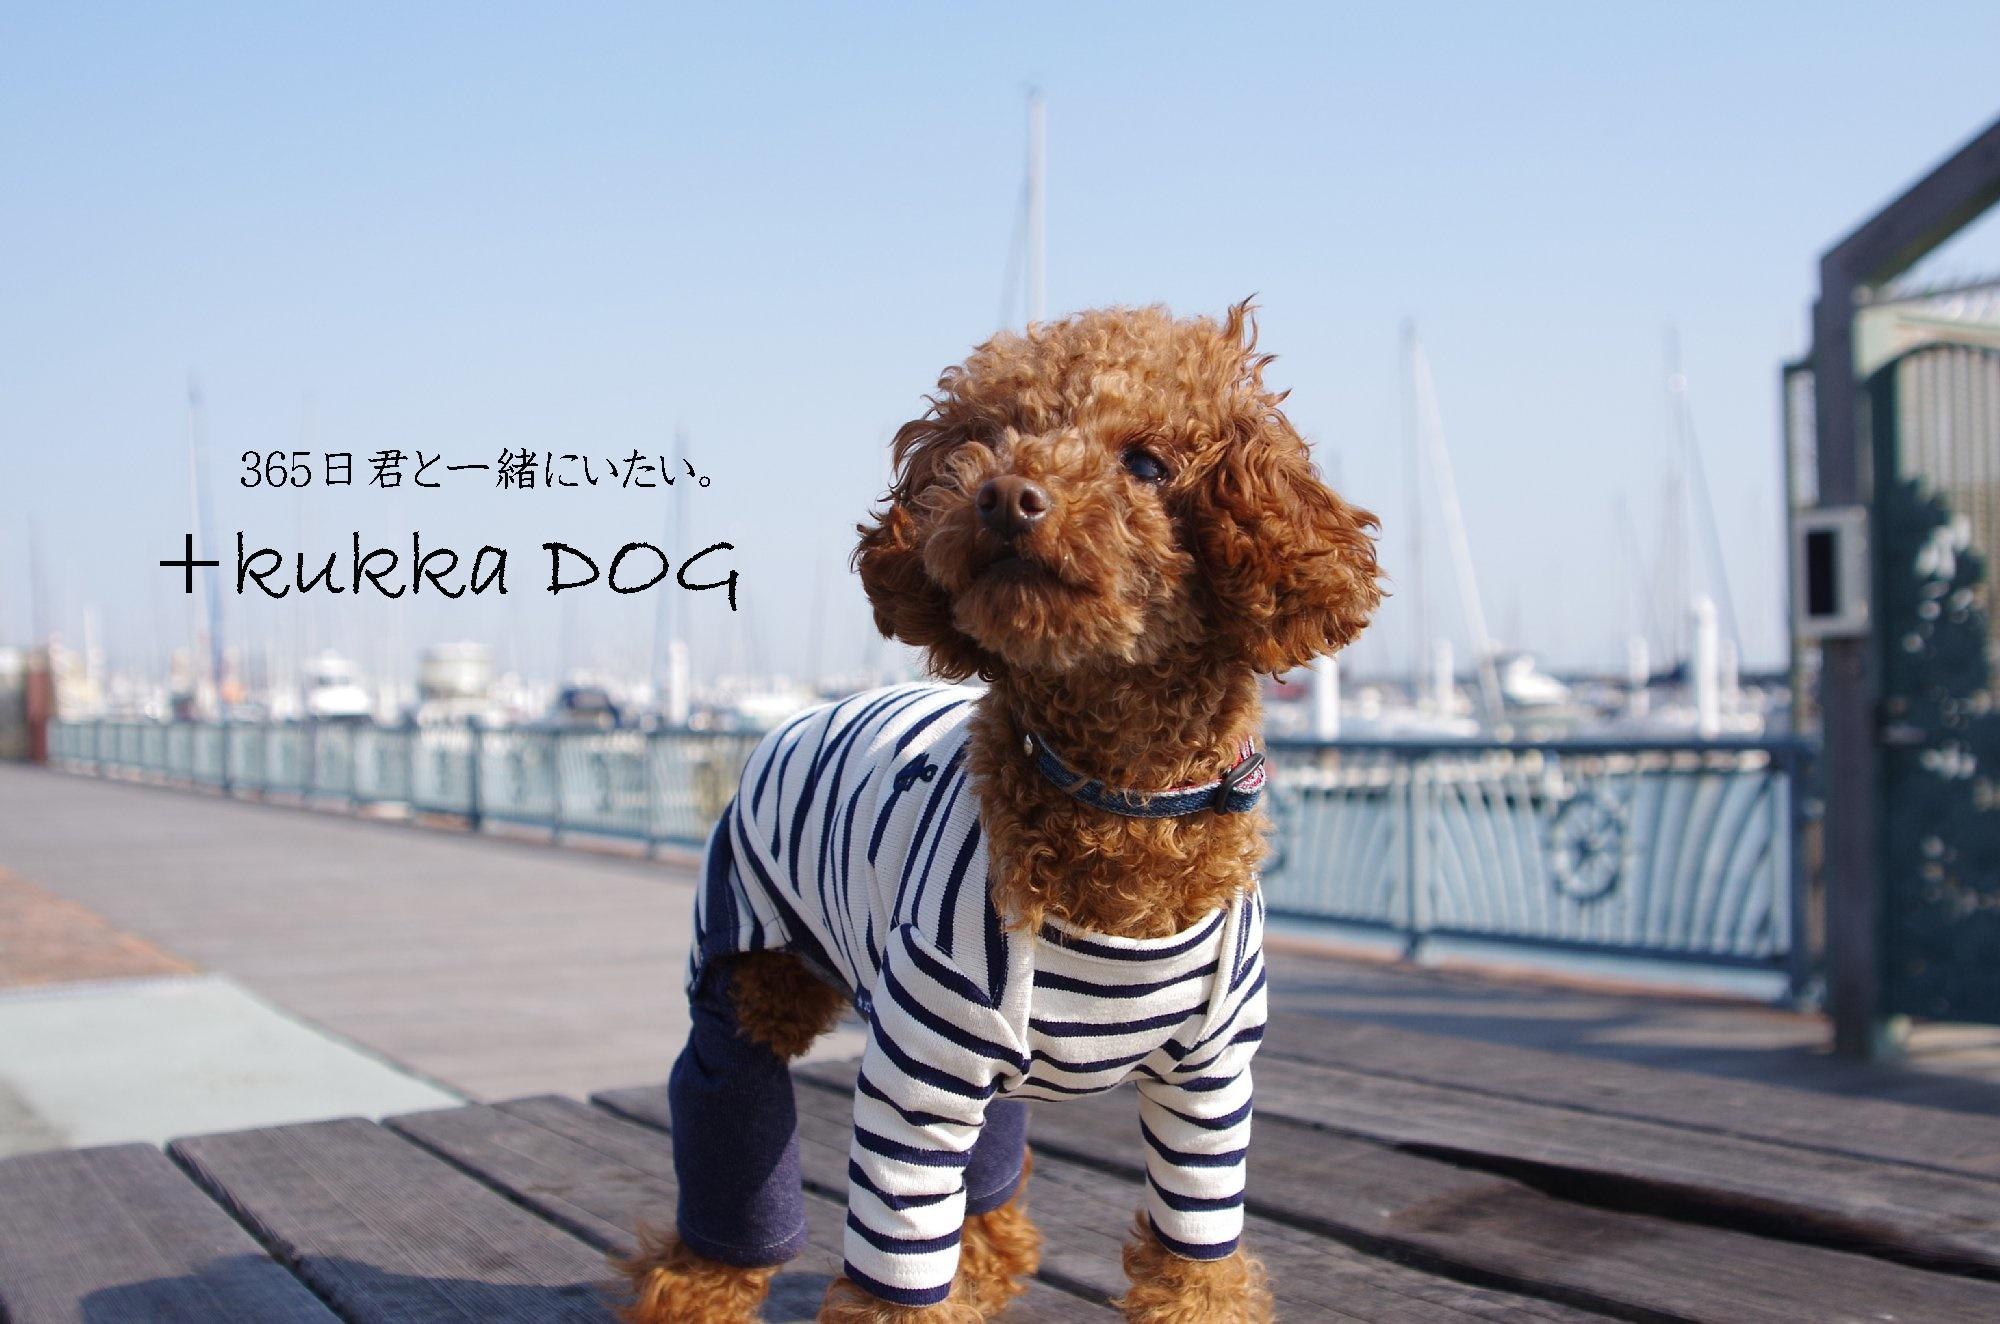 ソリオ宝塚 『kukkadog』